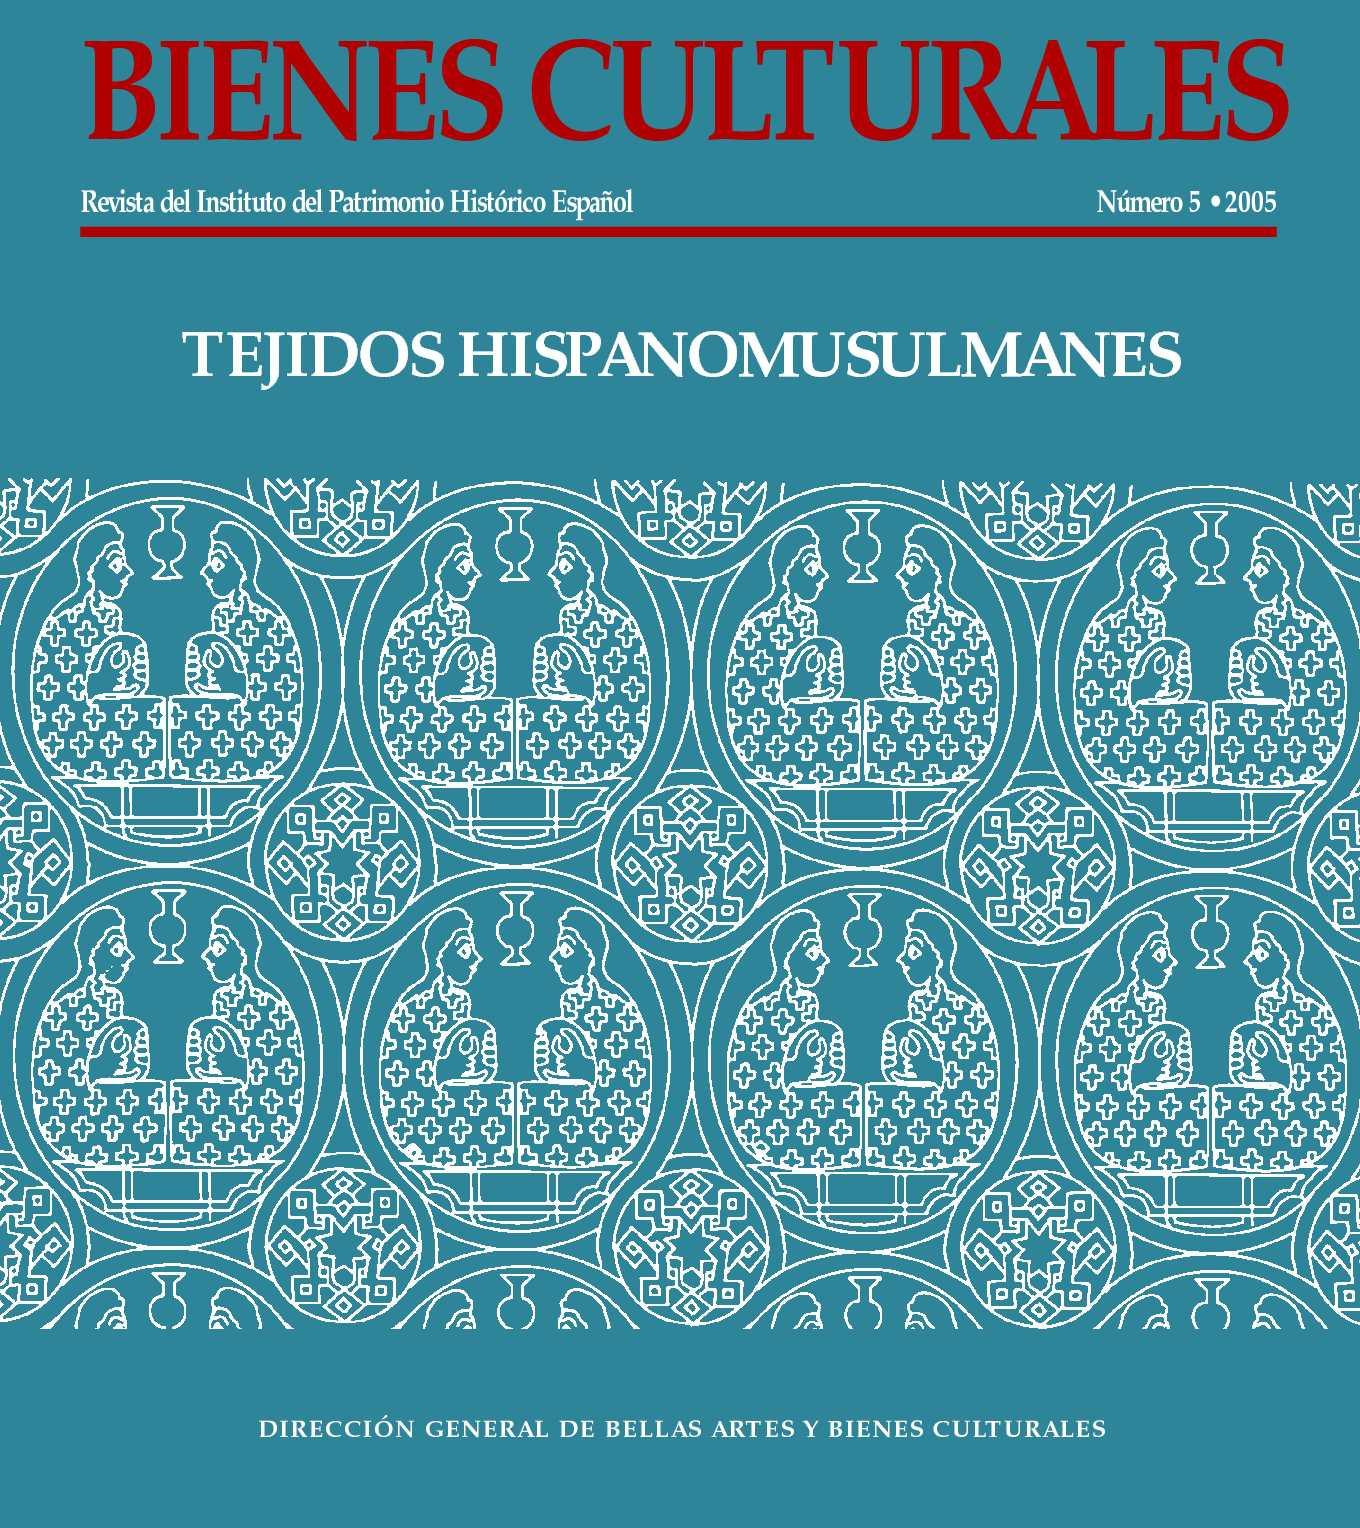 Calaméo - Bienes Culturales Nº 5 . 2005. Tejidos hispanomusulmanes ...